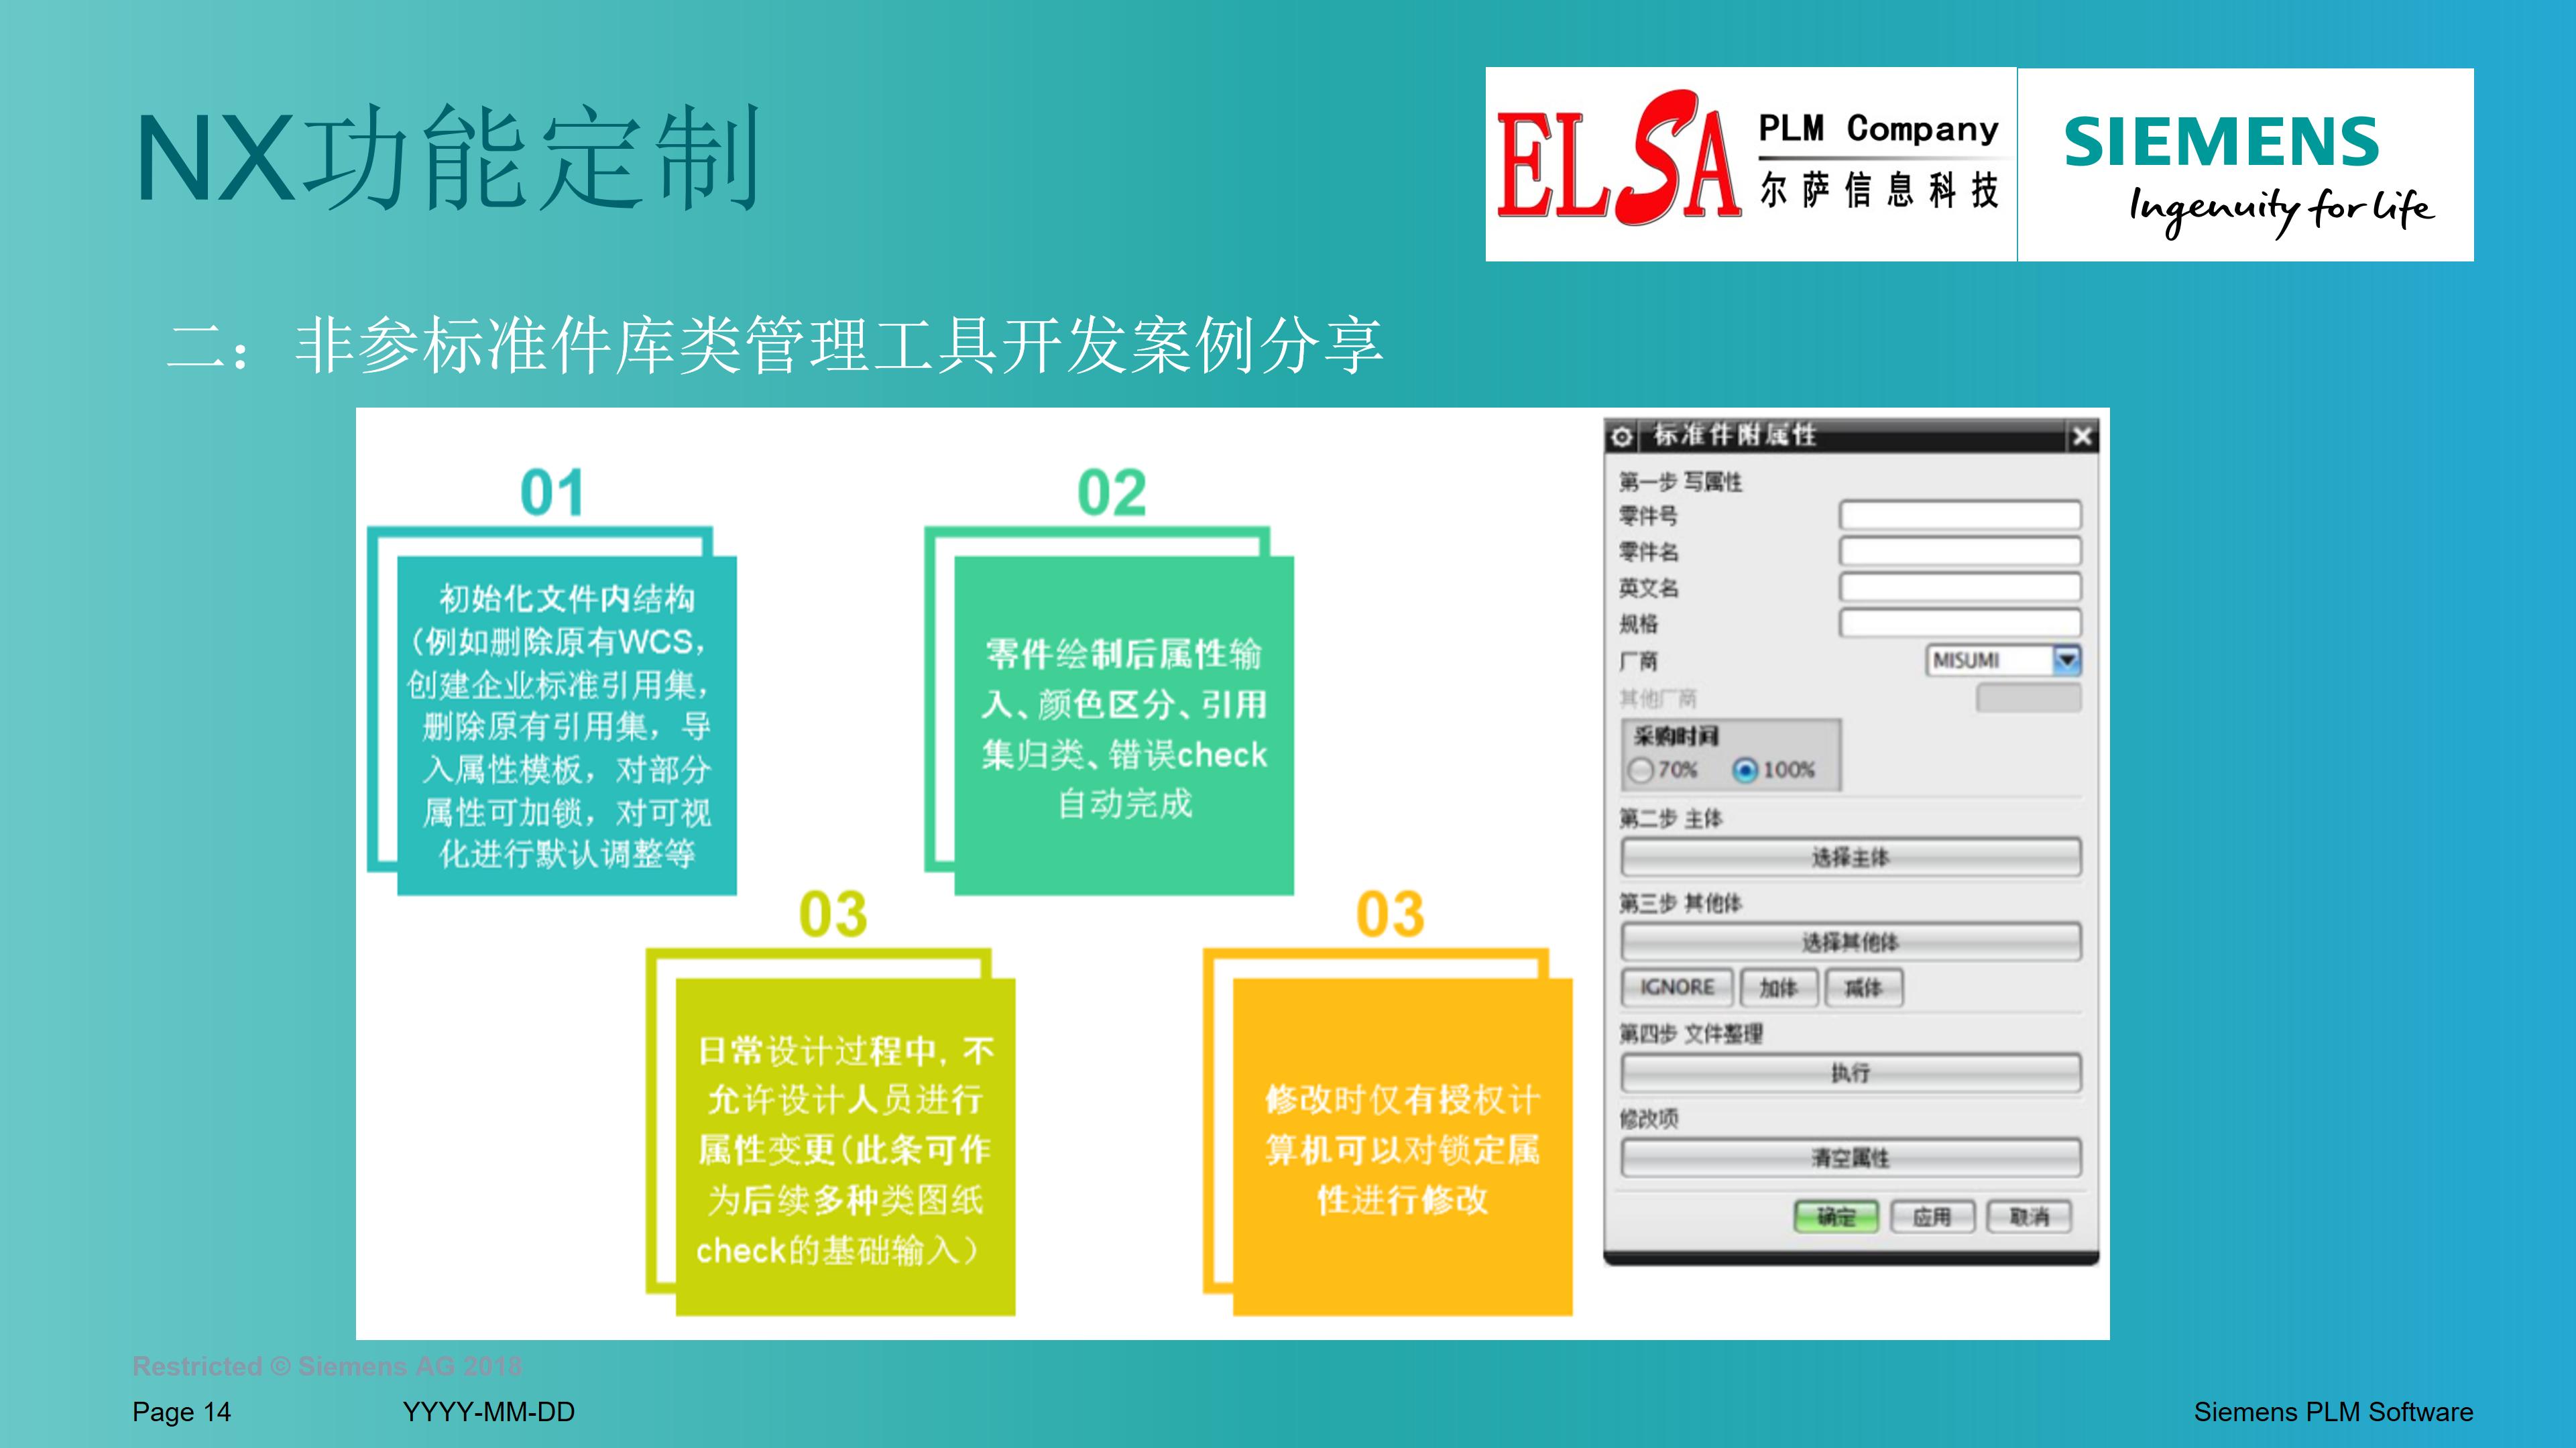 上海尔萨信息科技有限公司-技术业务介绍-上海尔萨信息科技有限公司-技术业务介绍_14